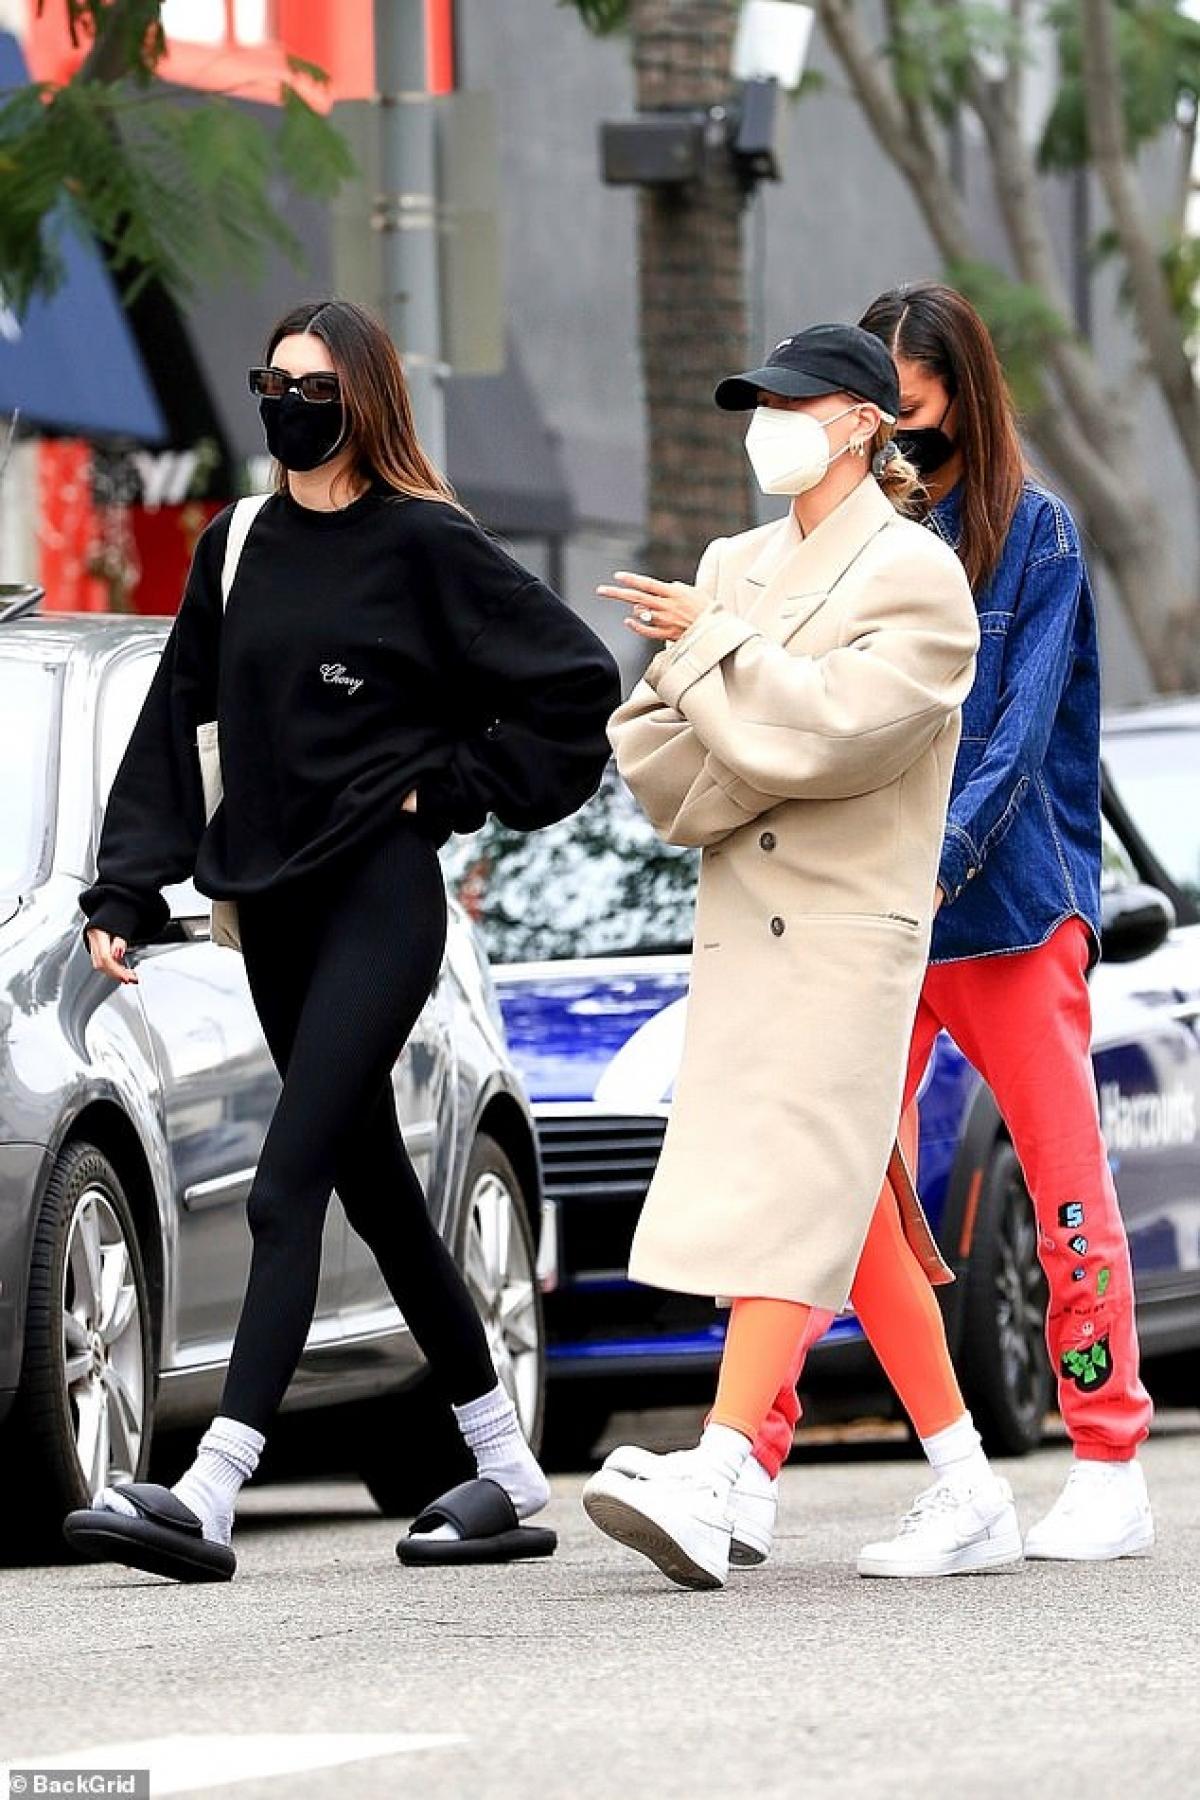 Kendall Jenner và Hailey Baldwin là bạn thân lâu năm. Hai người quen nhau từ khi mới bắt đầu sự nghiệp người mẫu ở tuổi teen. Kendall tiết lộ Hailey chính là người bạn thực sự đầu tiên của cô ở New York.